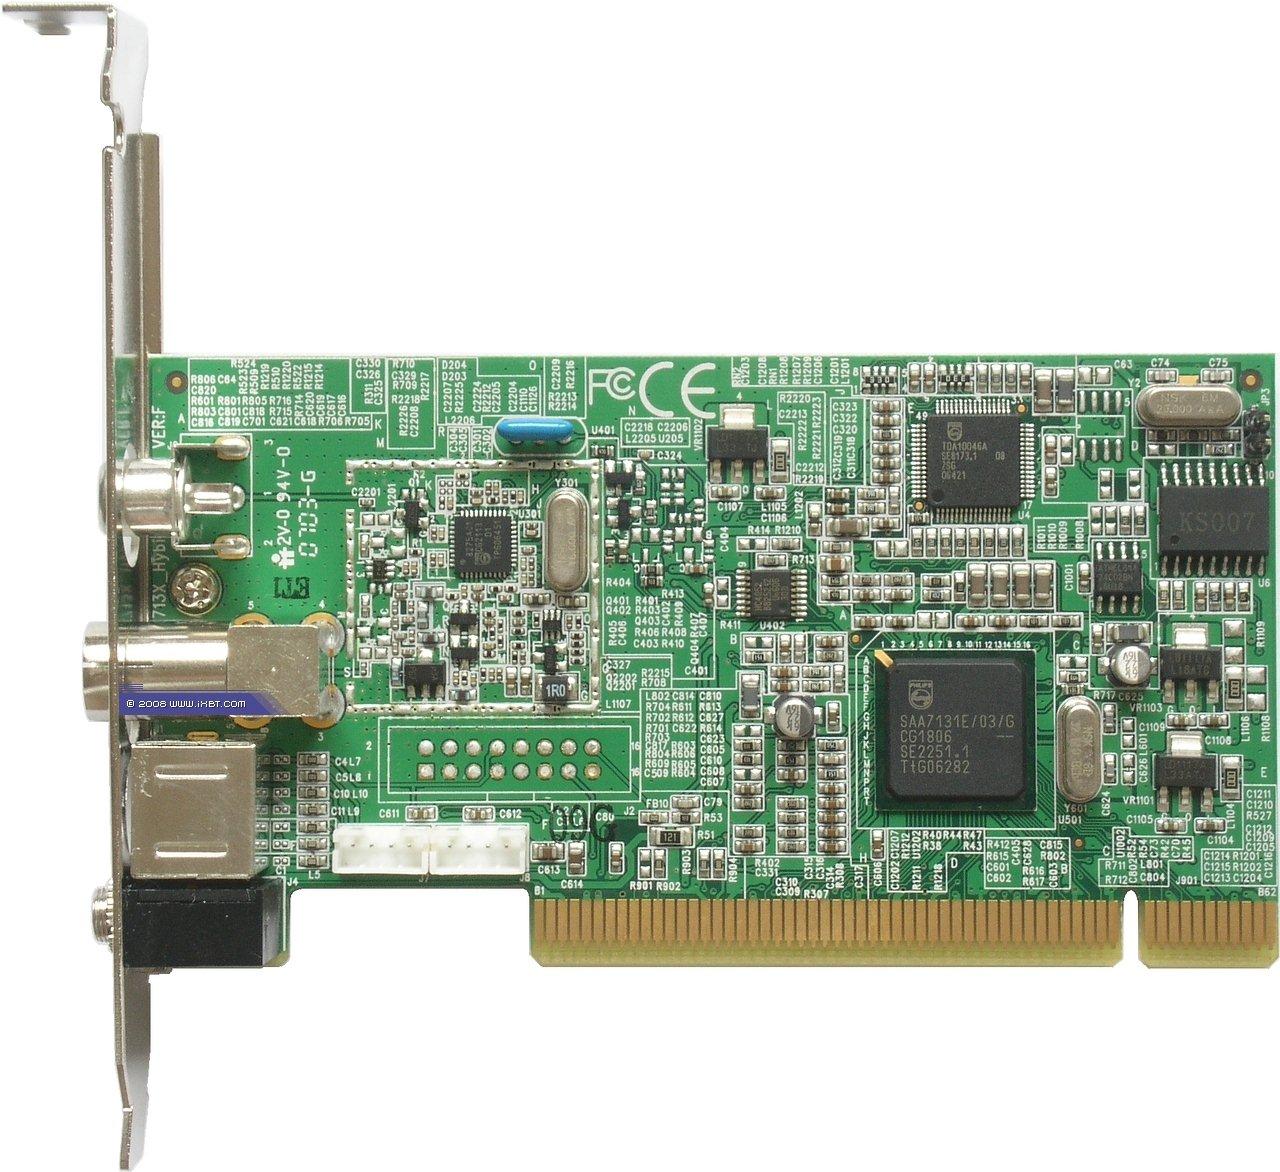 TV DE M4900 DA PIXELVIEW PLACA BAIXAR DRIVER